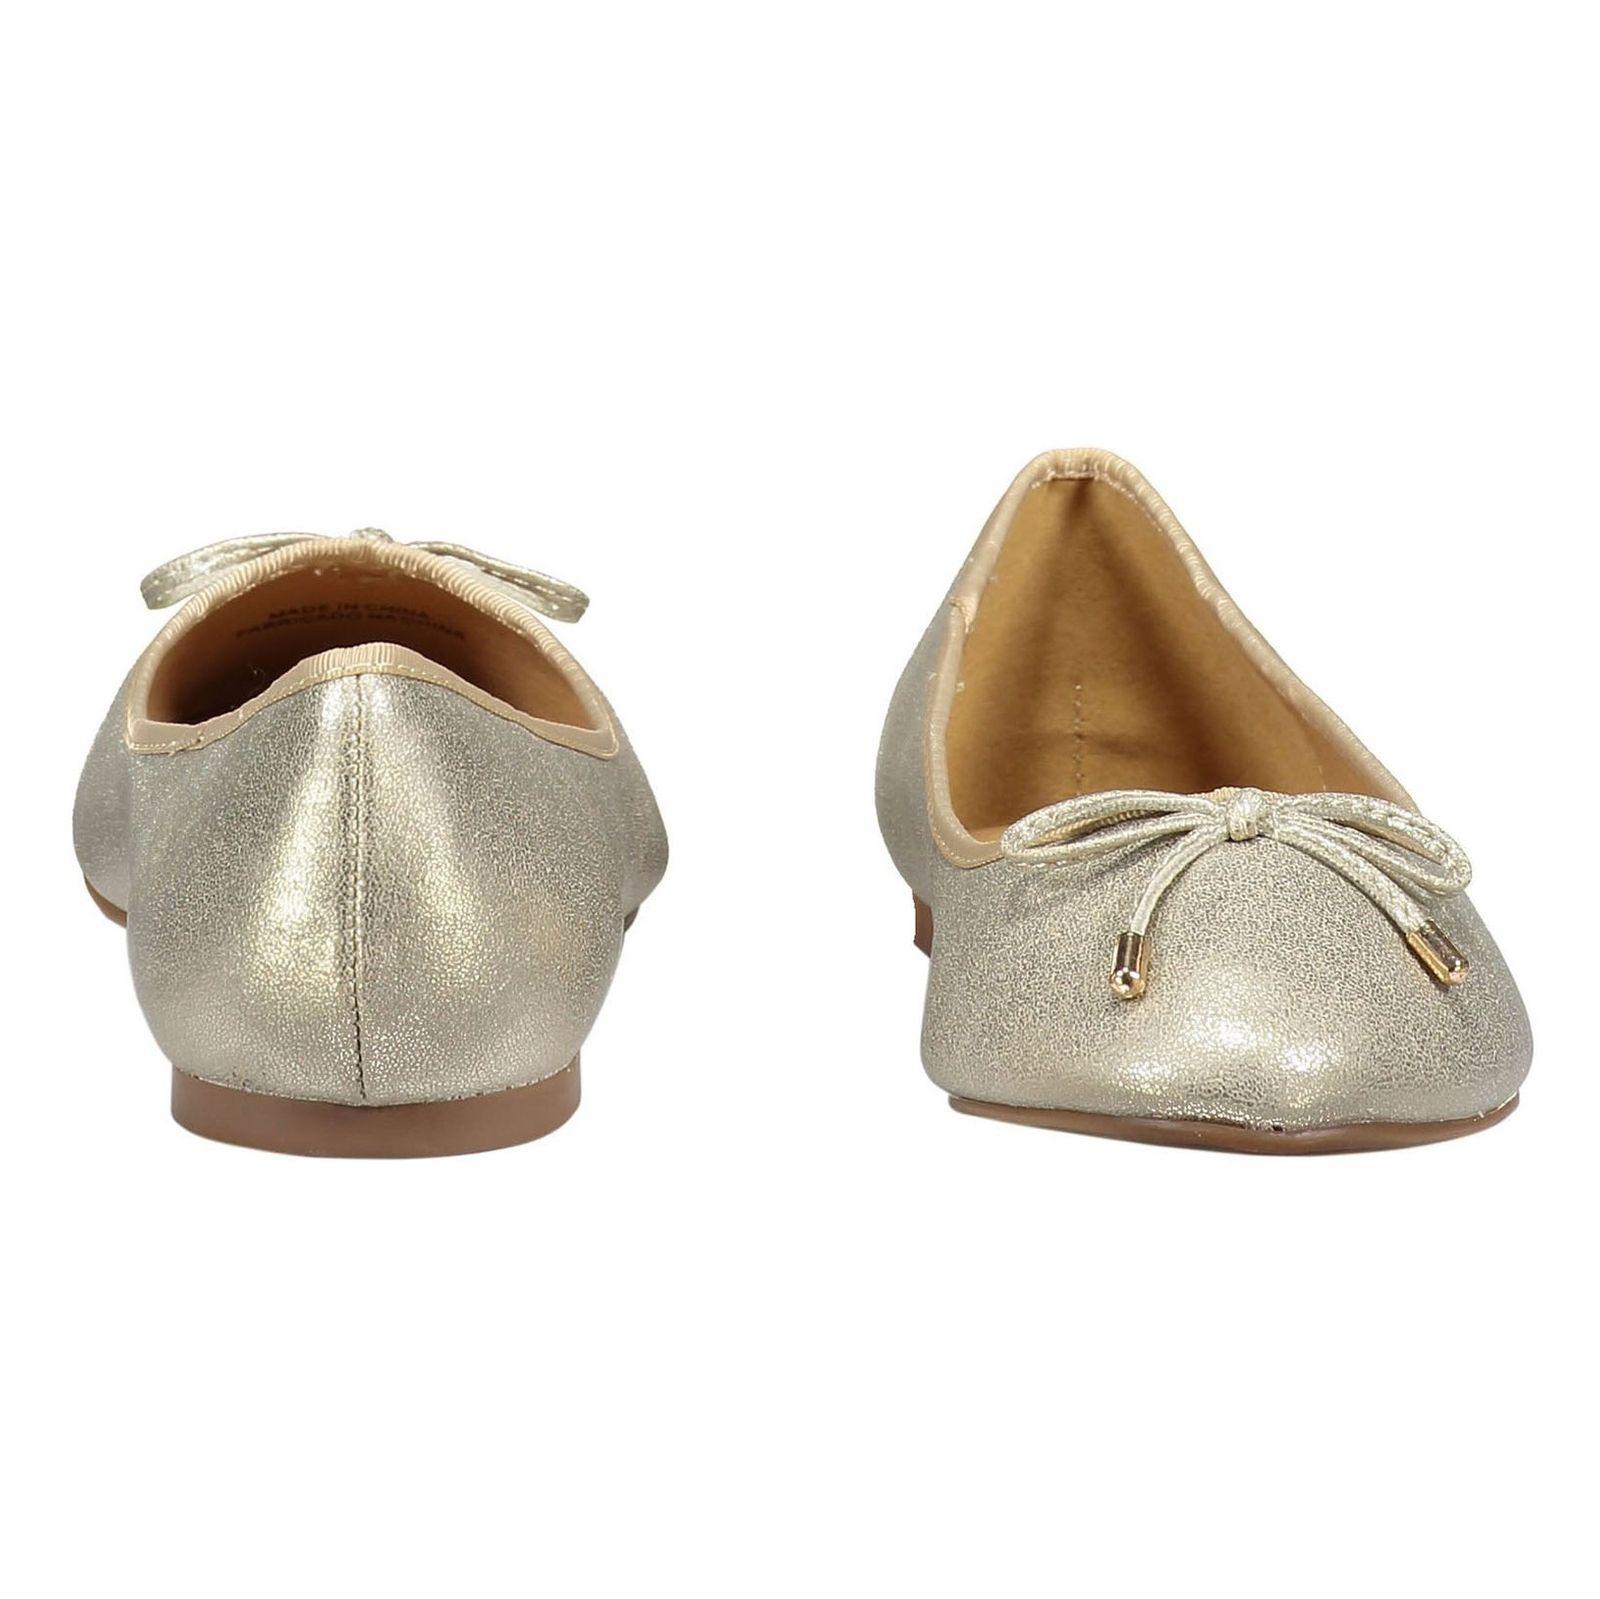 کفش تخت زنانه - پارفوا - طلايي روشن - 5